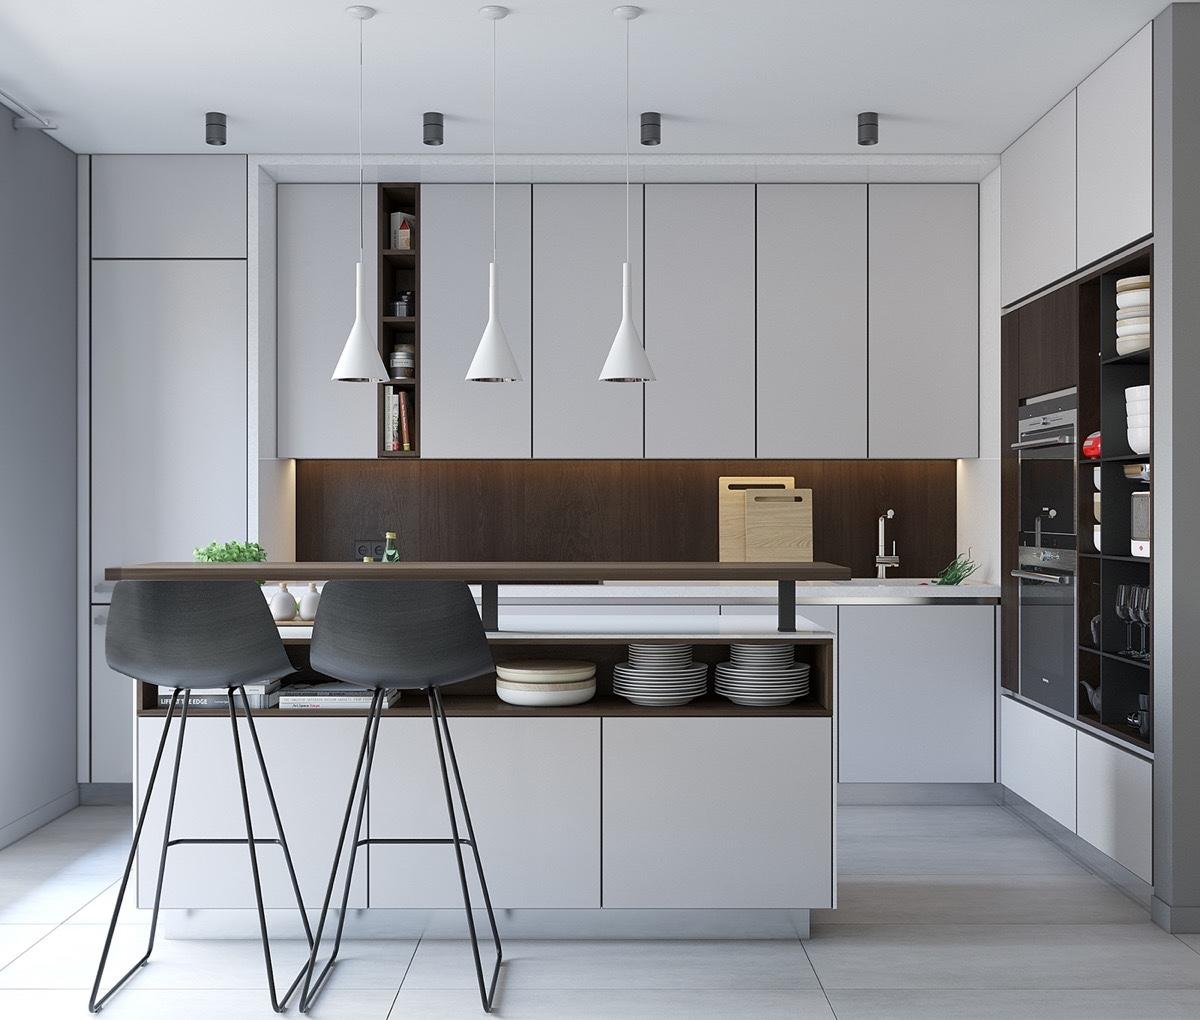 cuisine minimaliste blanche design contemporain